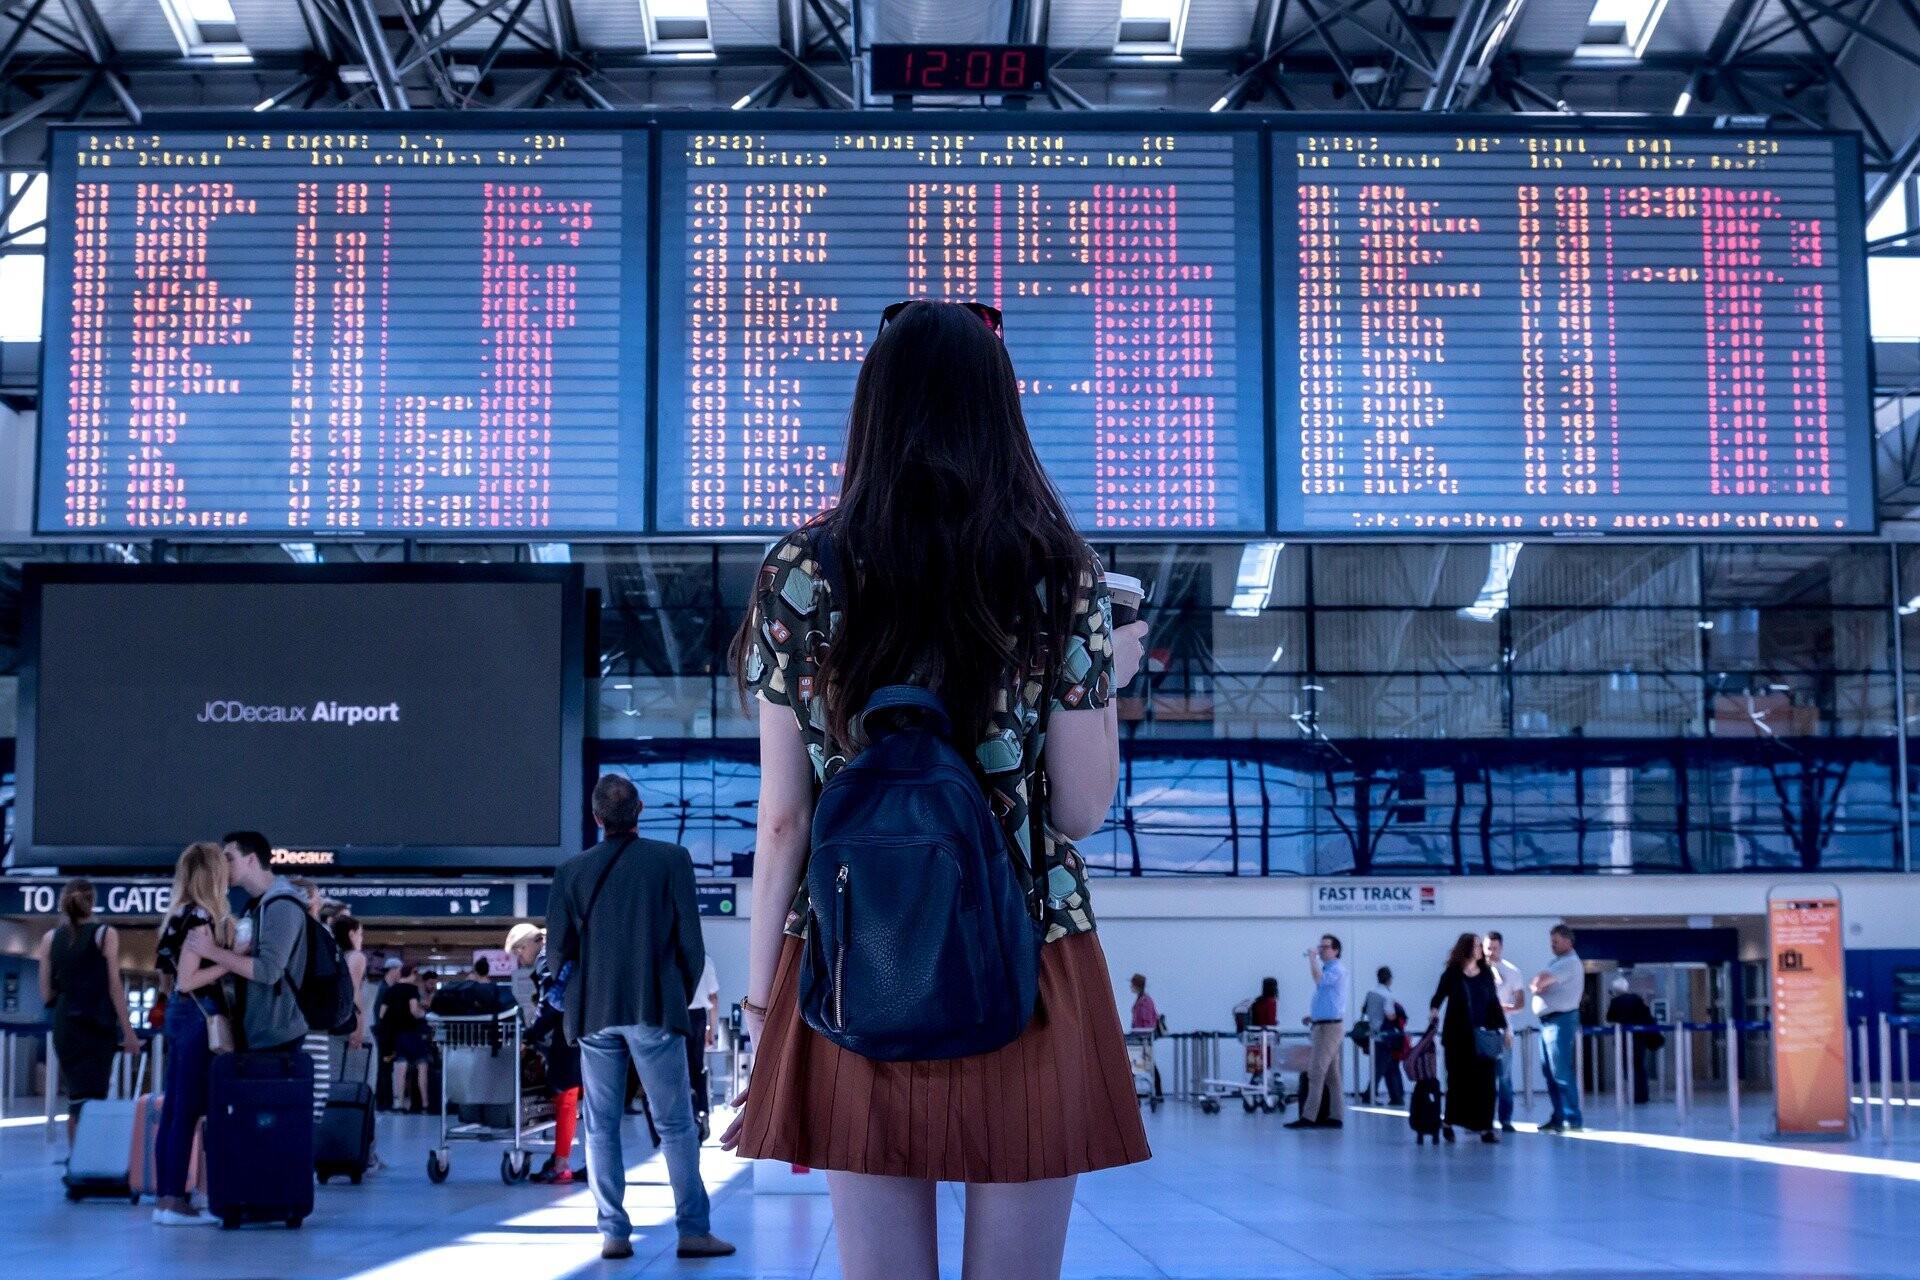 Consigli per viaggiare nel mondo durante il coronavirus: la guida definitiva 2021